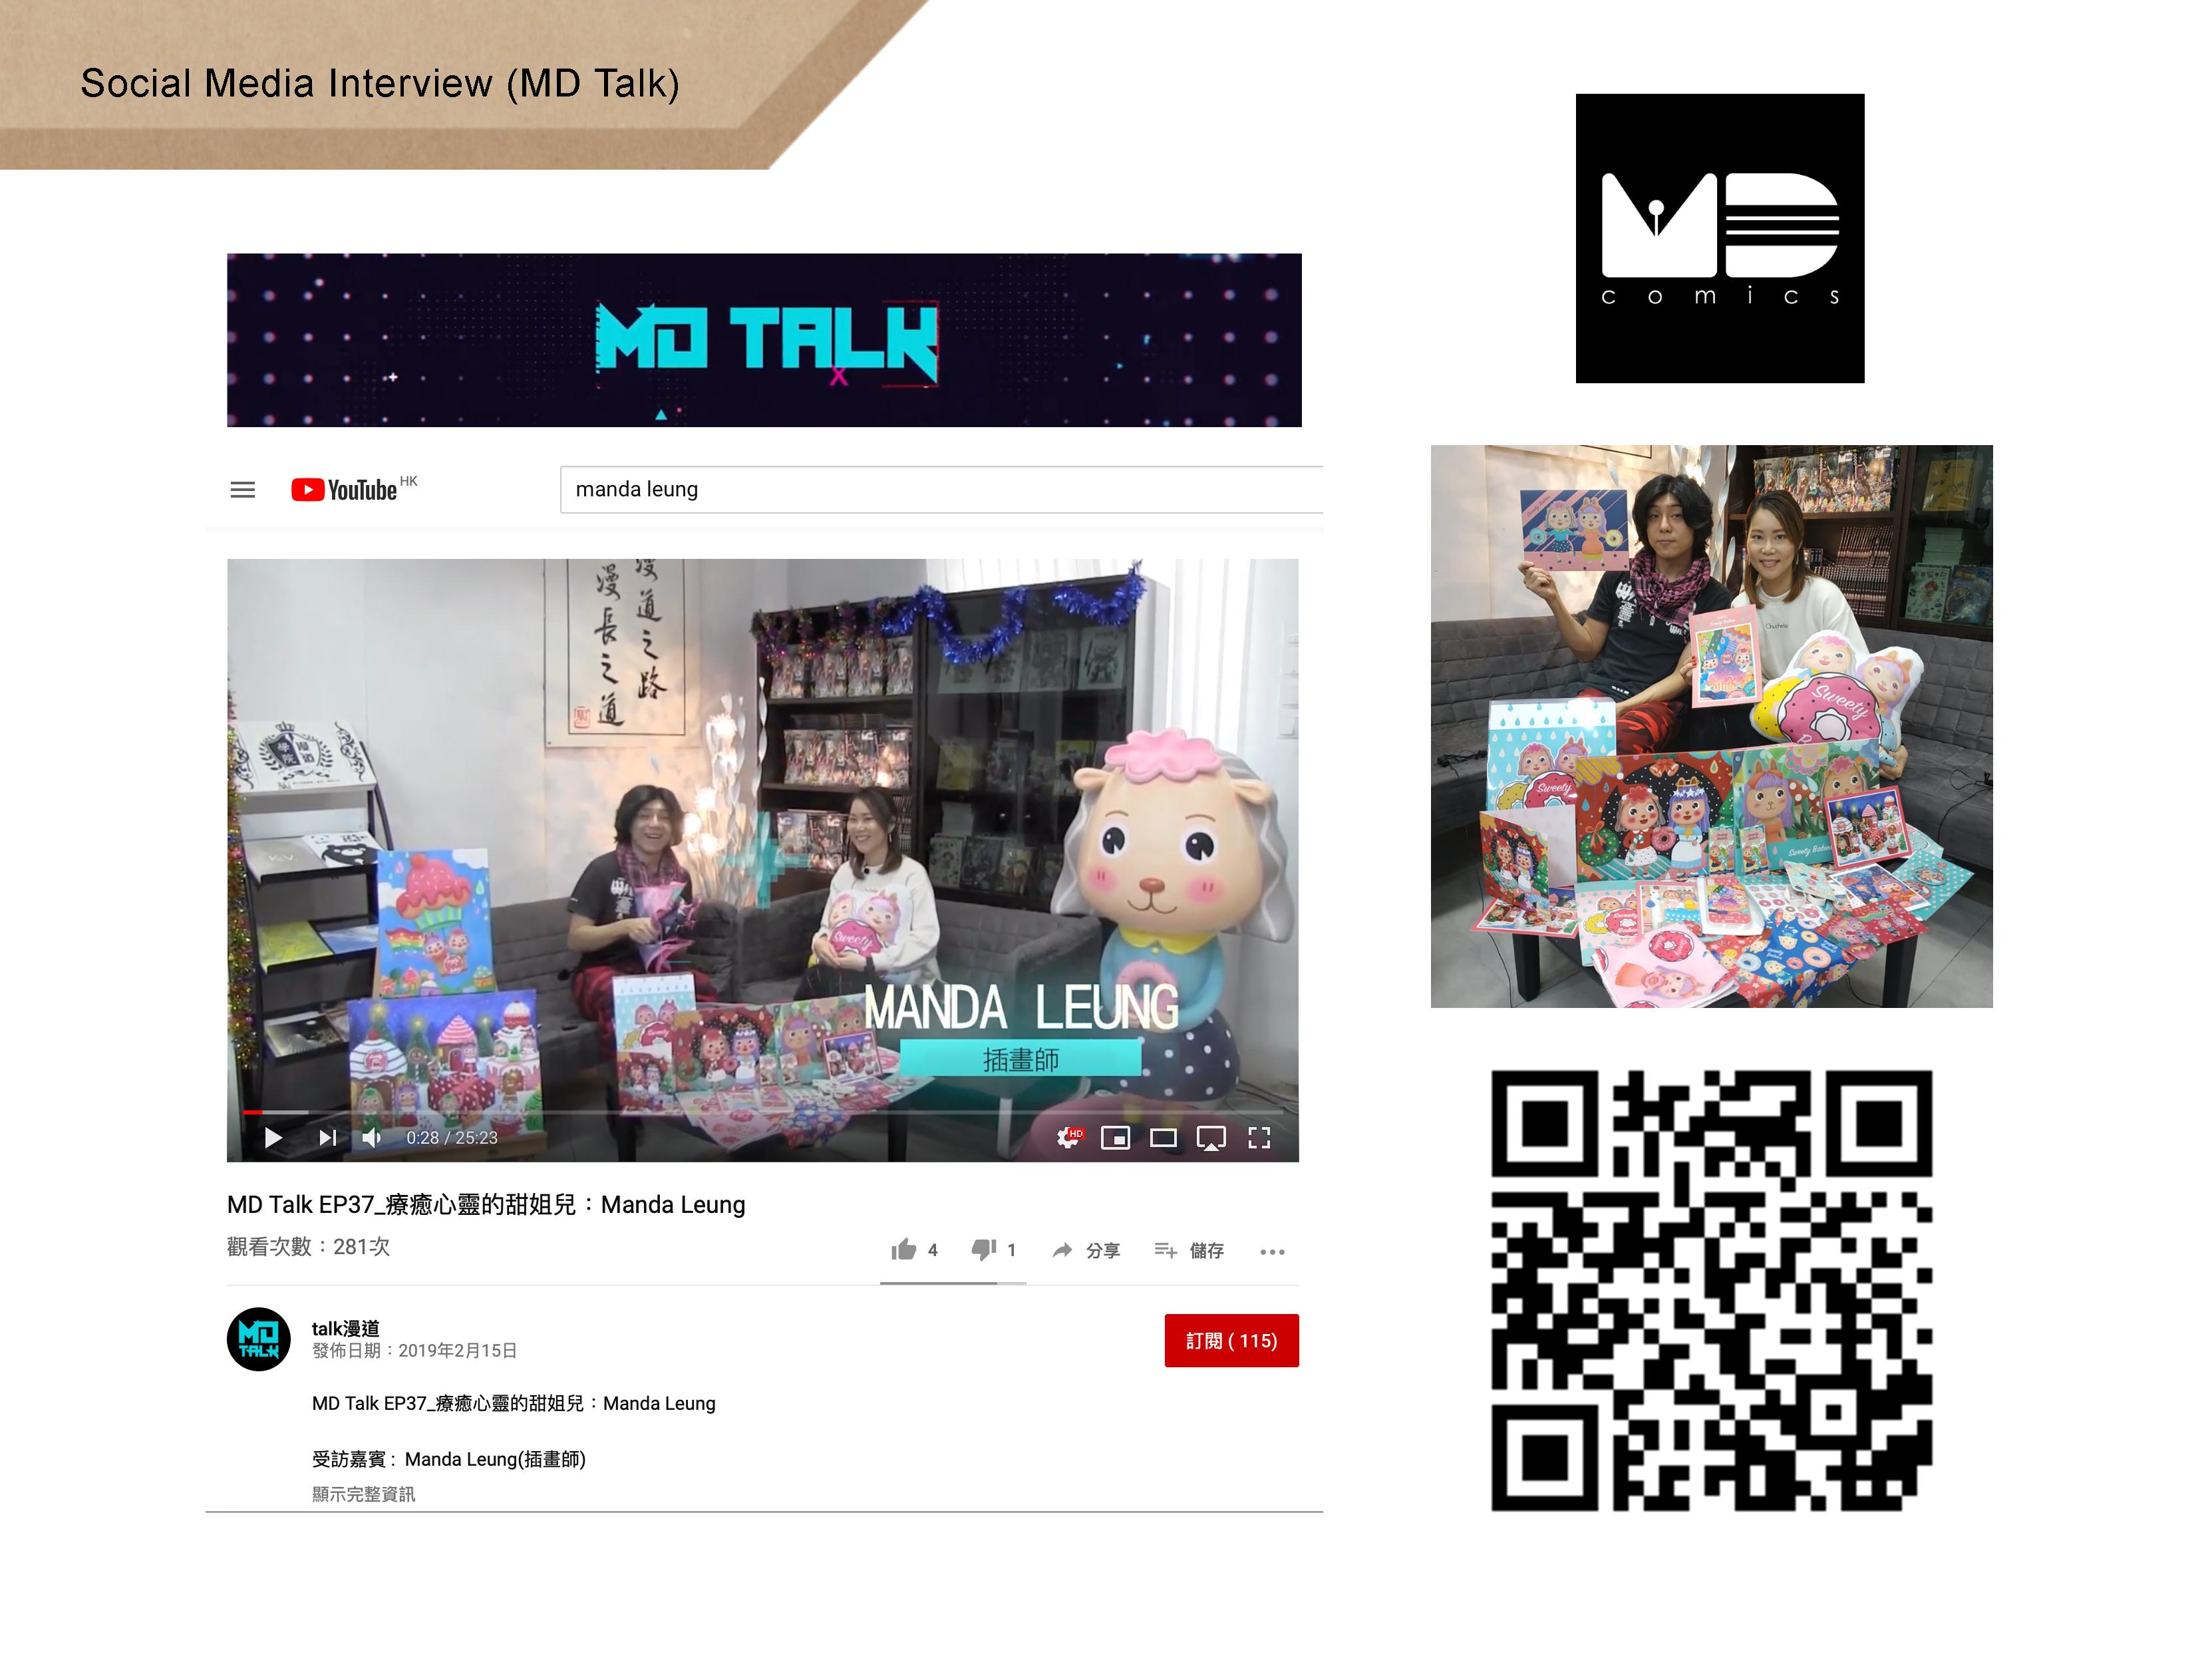 MD_talk_interview